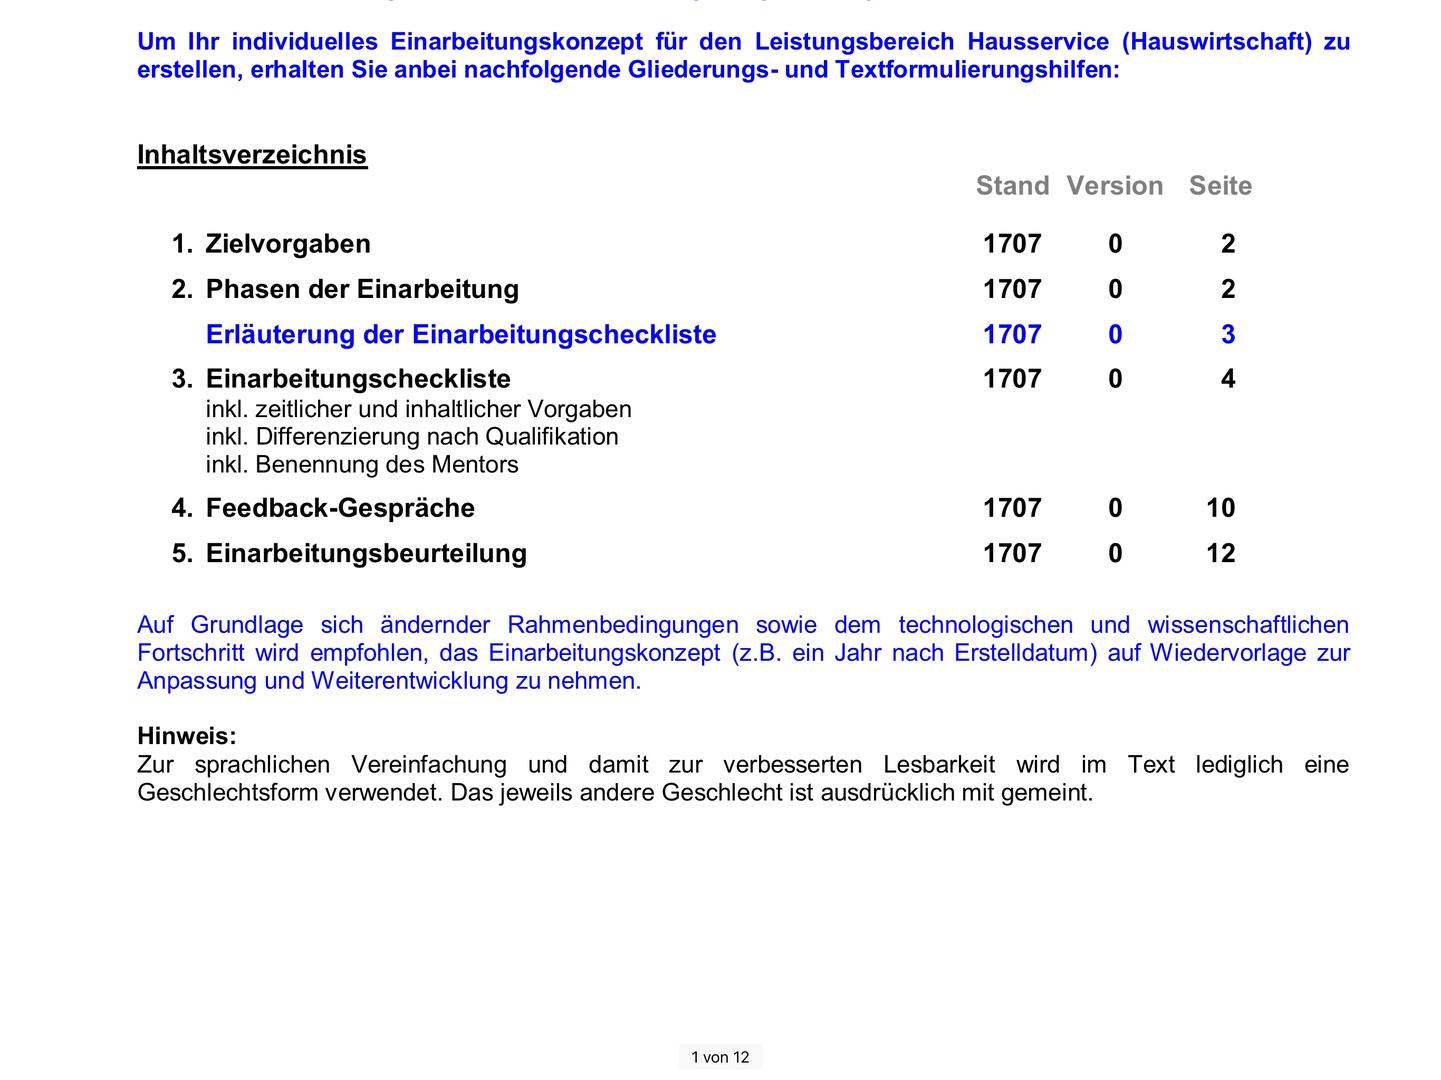 """Einarbeitungskonzept """"Hauswirtschaft"""" Unterkunft und Versorgung    Microsoft Word®"""